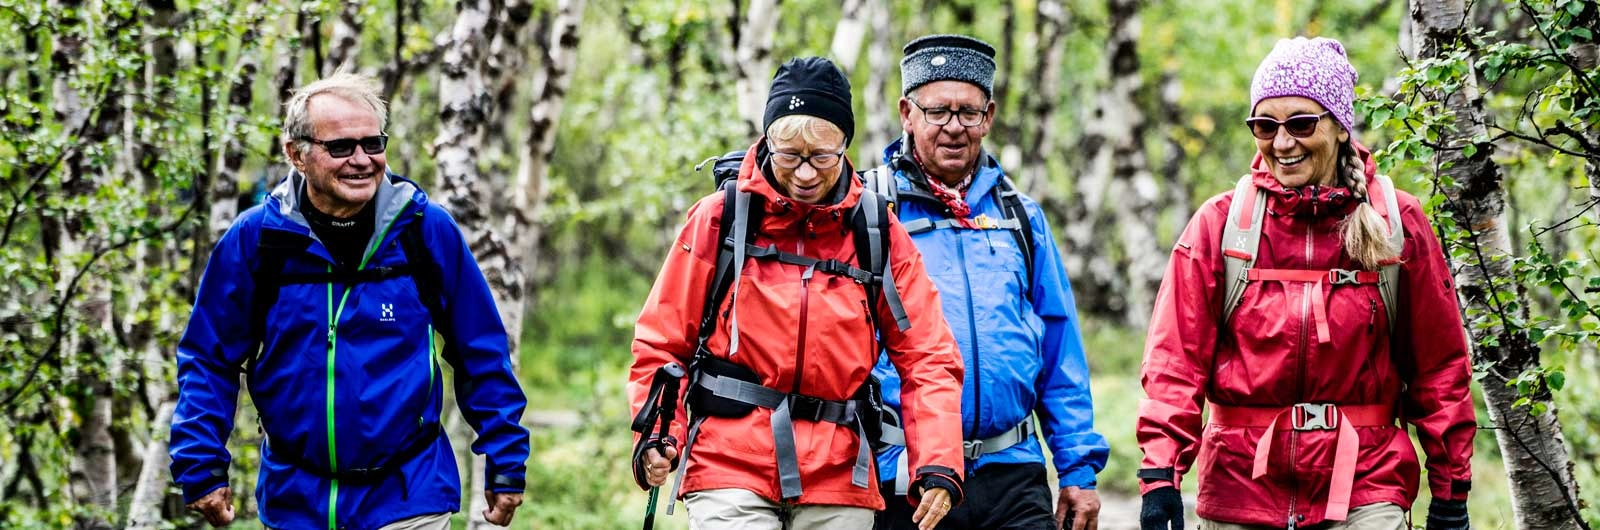 Grupp äldre vandrare i björkskog längs Kungsleden